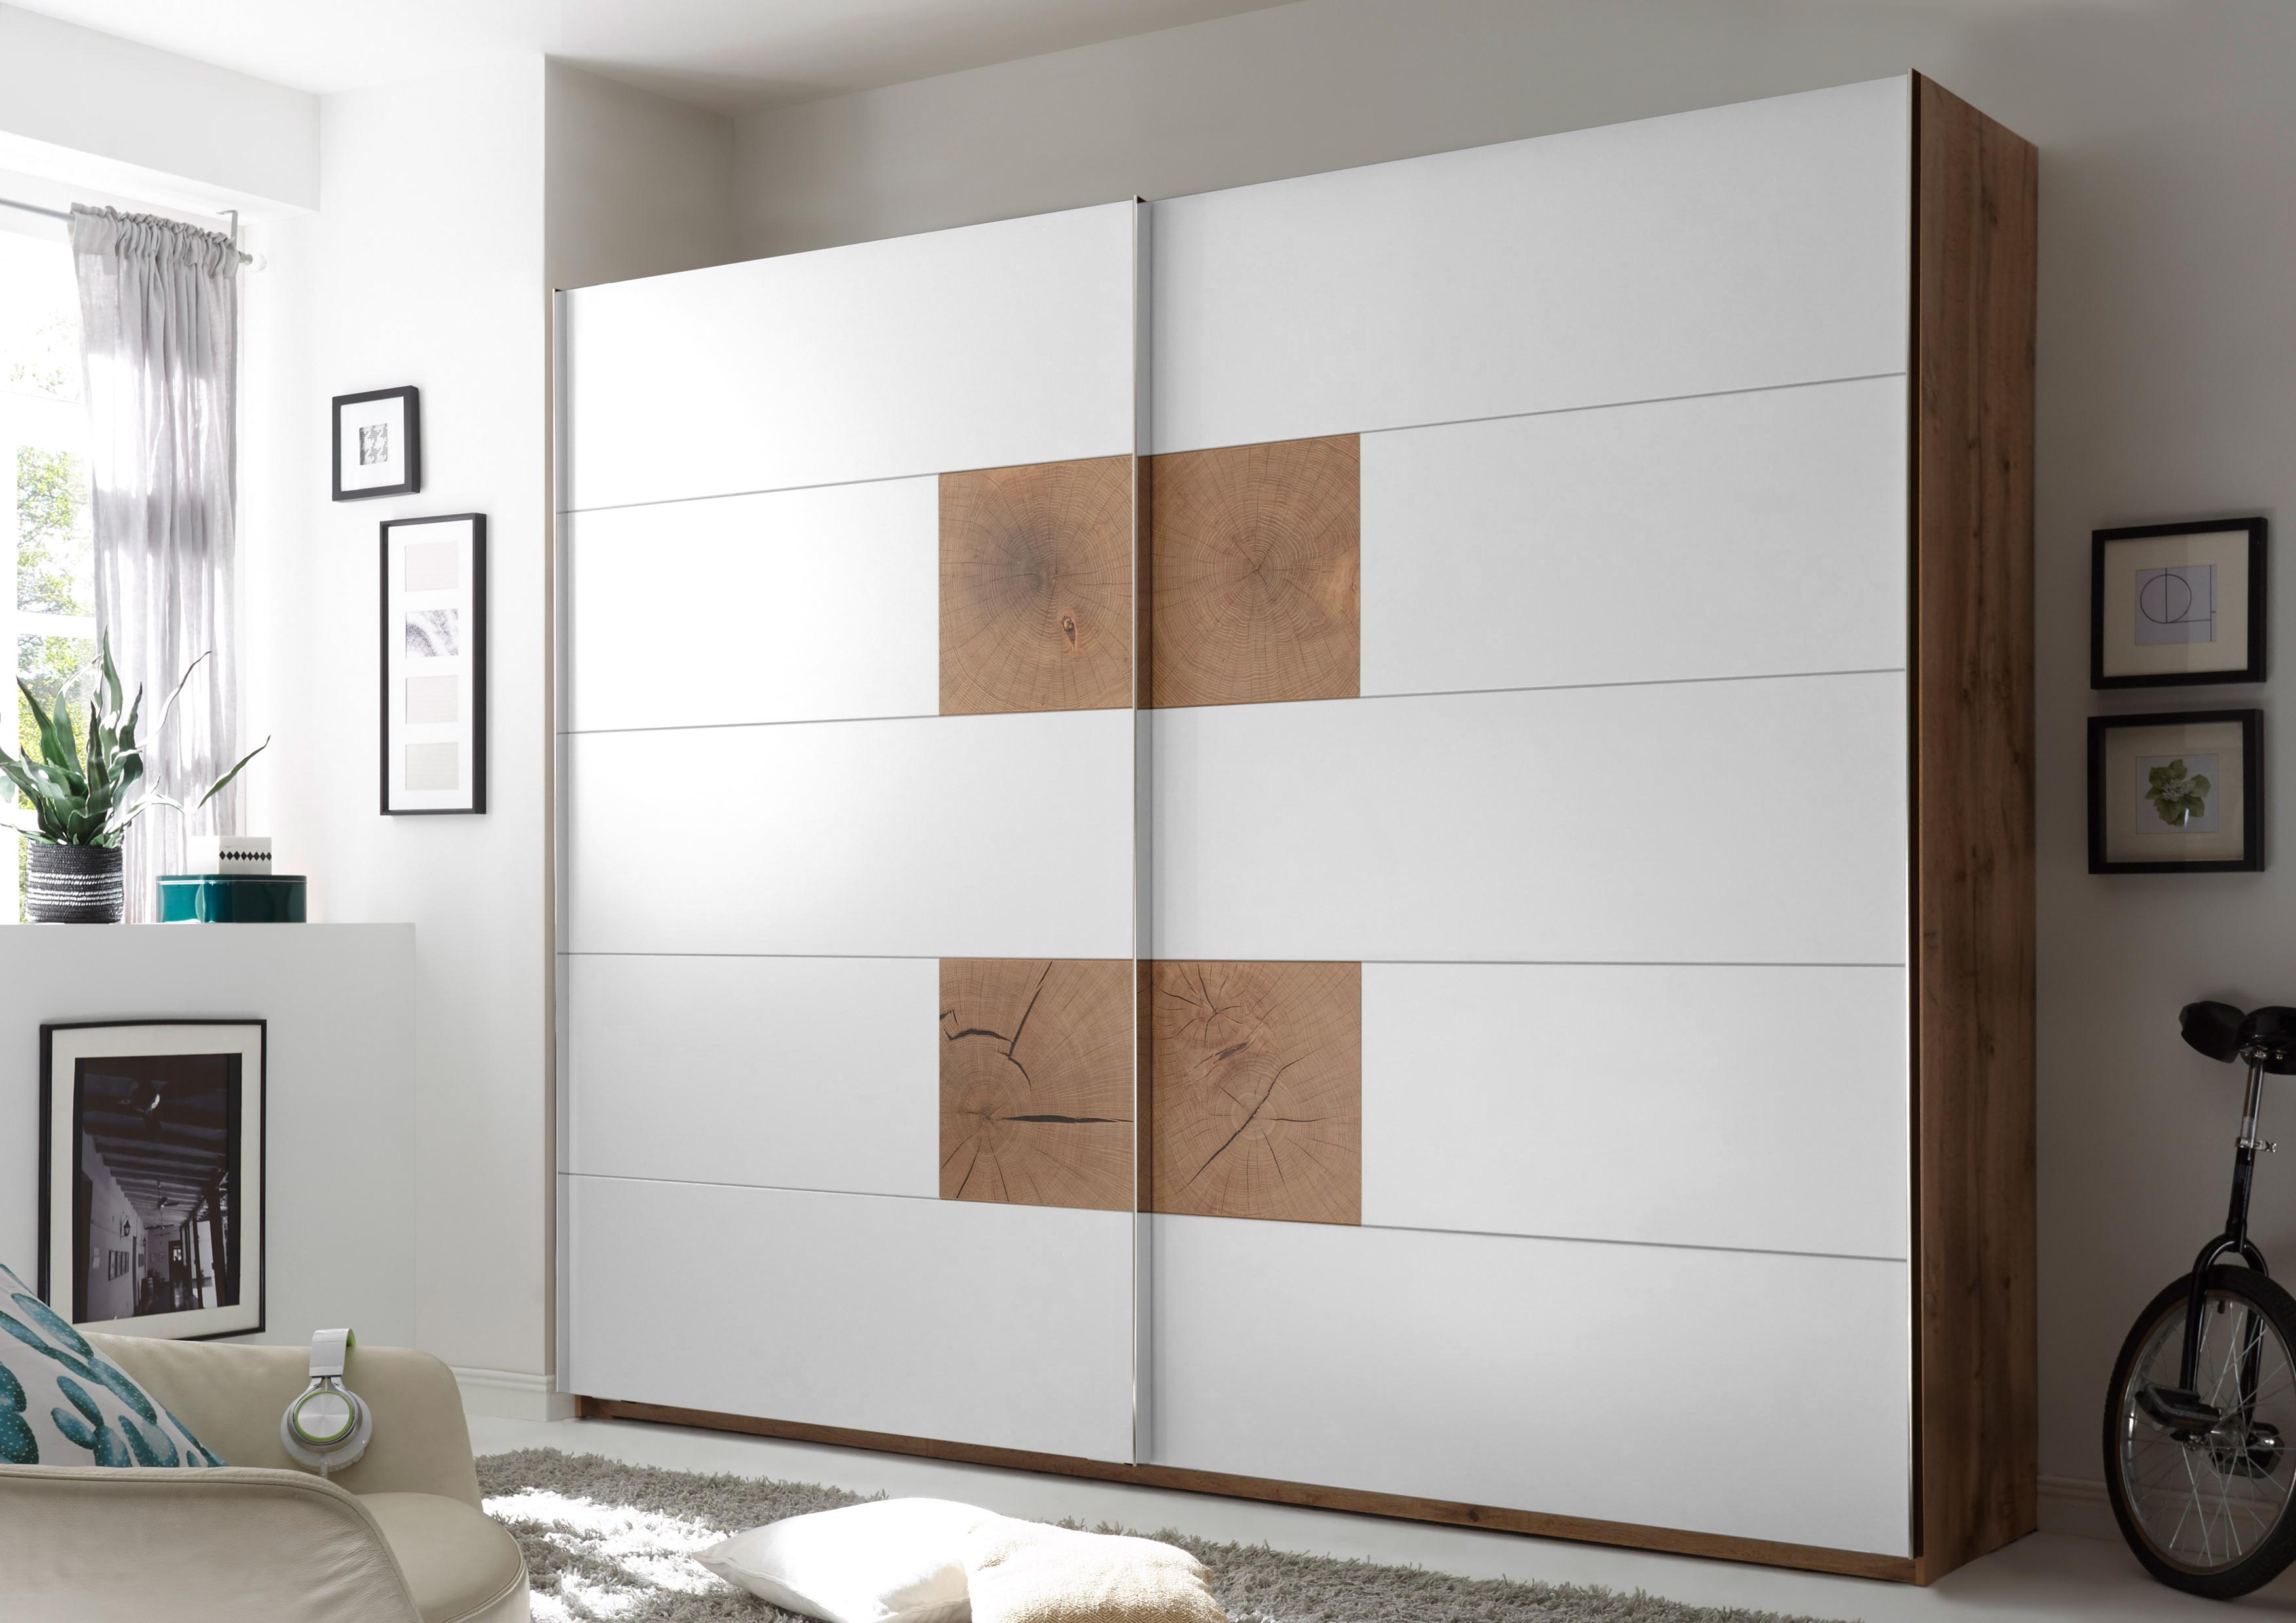 Wunderbar Bestellen Sie Jetzt Ihren Schlafzimmer Komplett Set 4 Tlg. CAPRI XL Bett  180 Kleiderschrank 270 Cm Nachtkommoden Weiß Wildeiche Und Weitere Günstige  Möbel ...